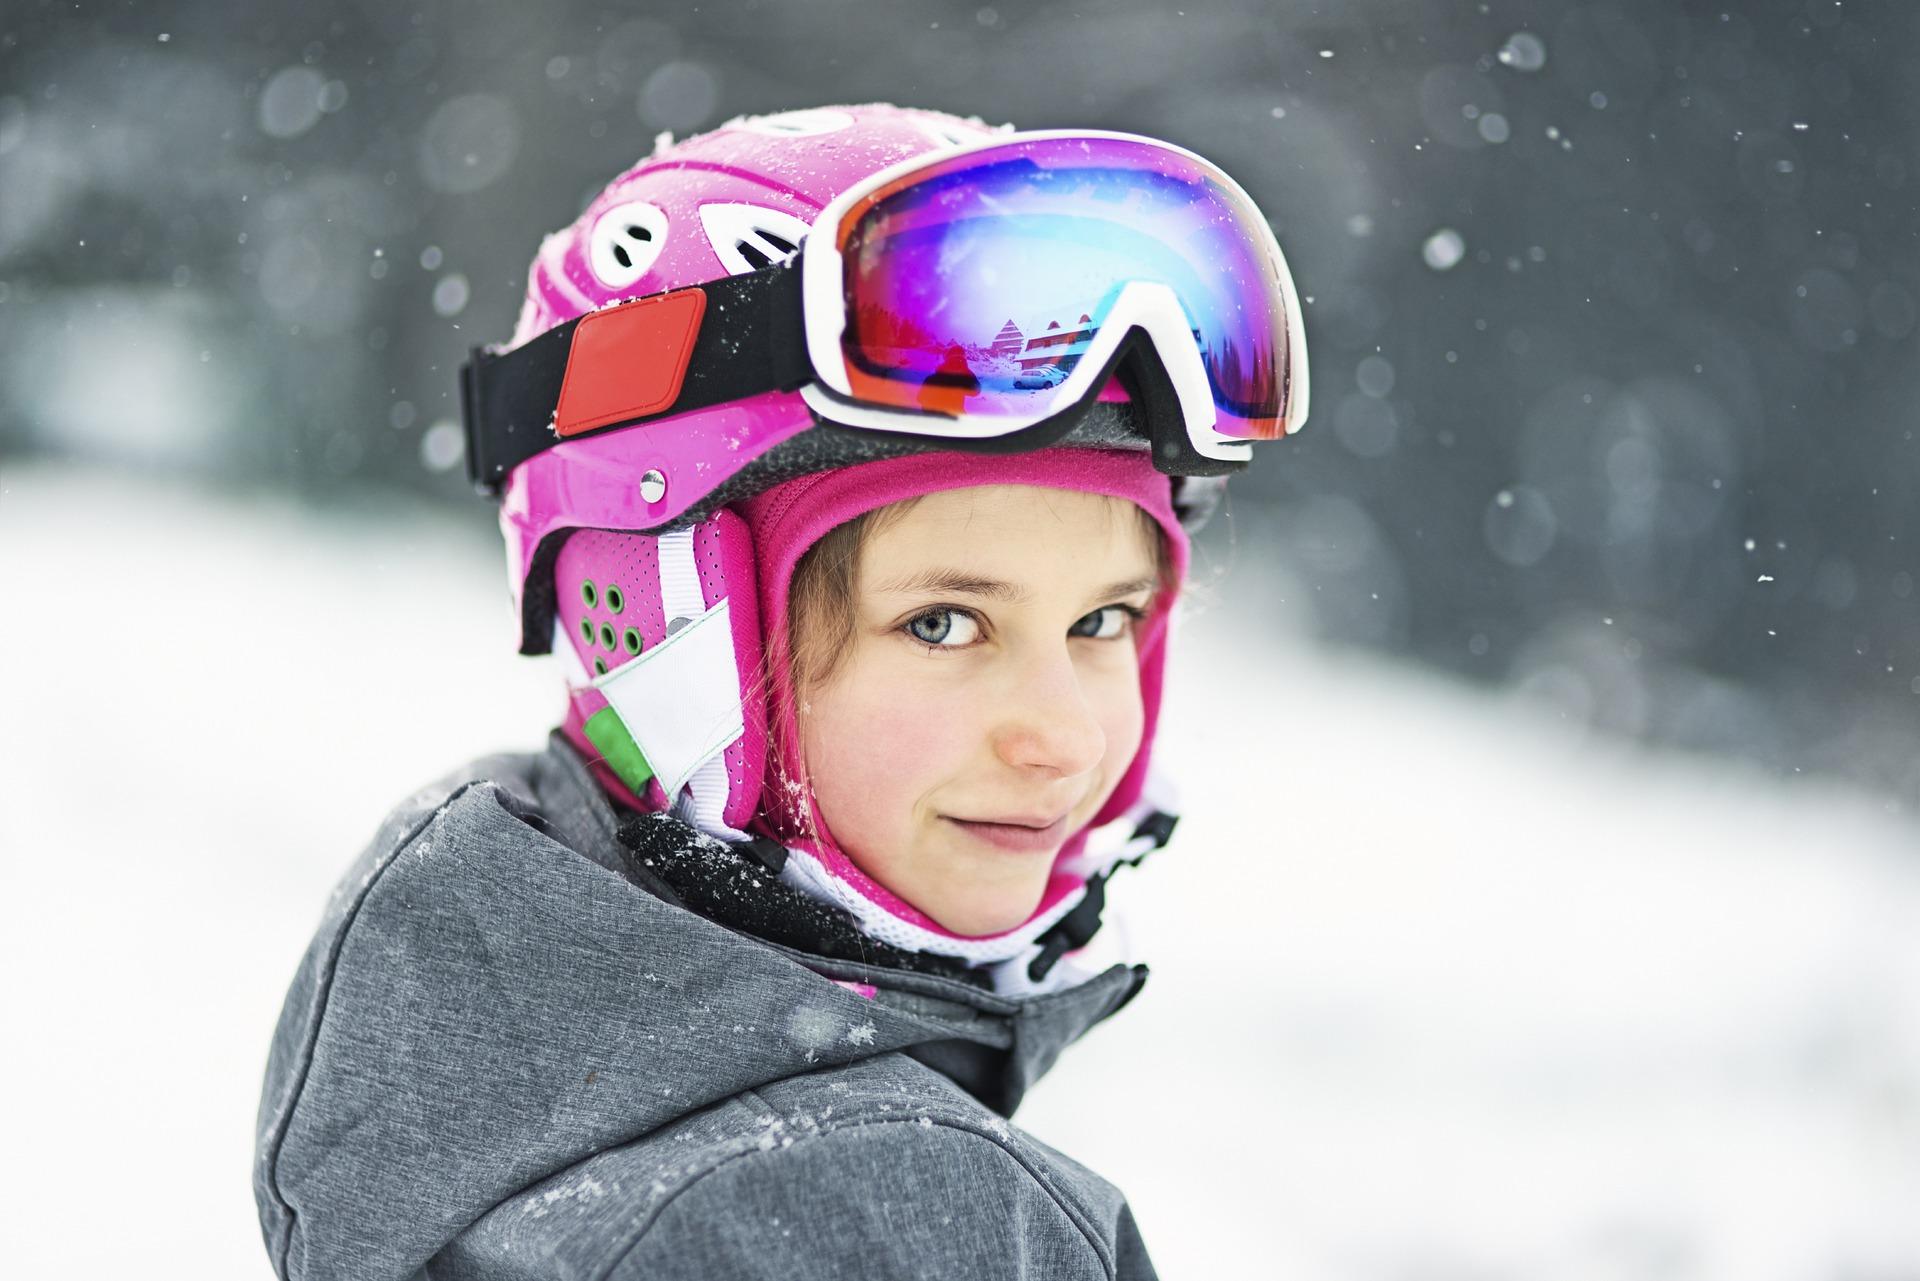 avis chauffe main ski